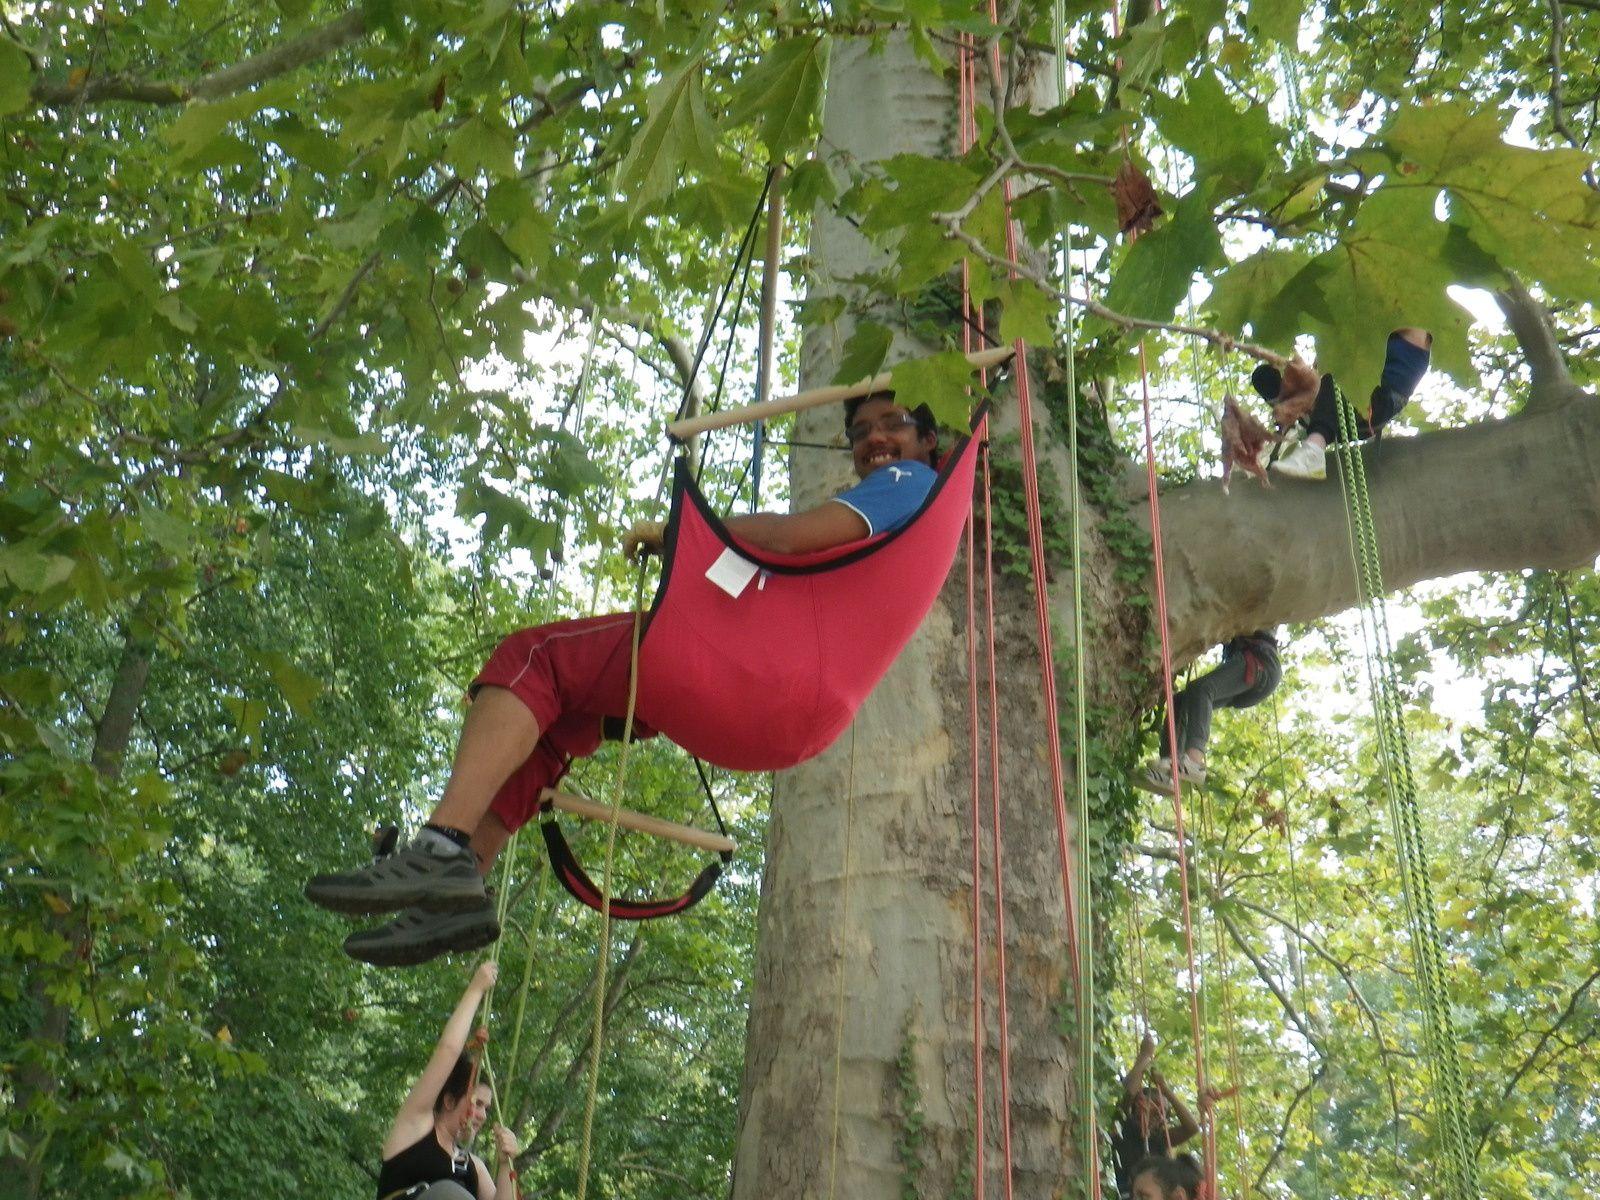 jérémy in the tree et éric médaillé olympique